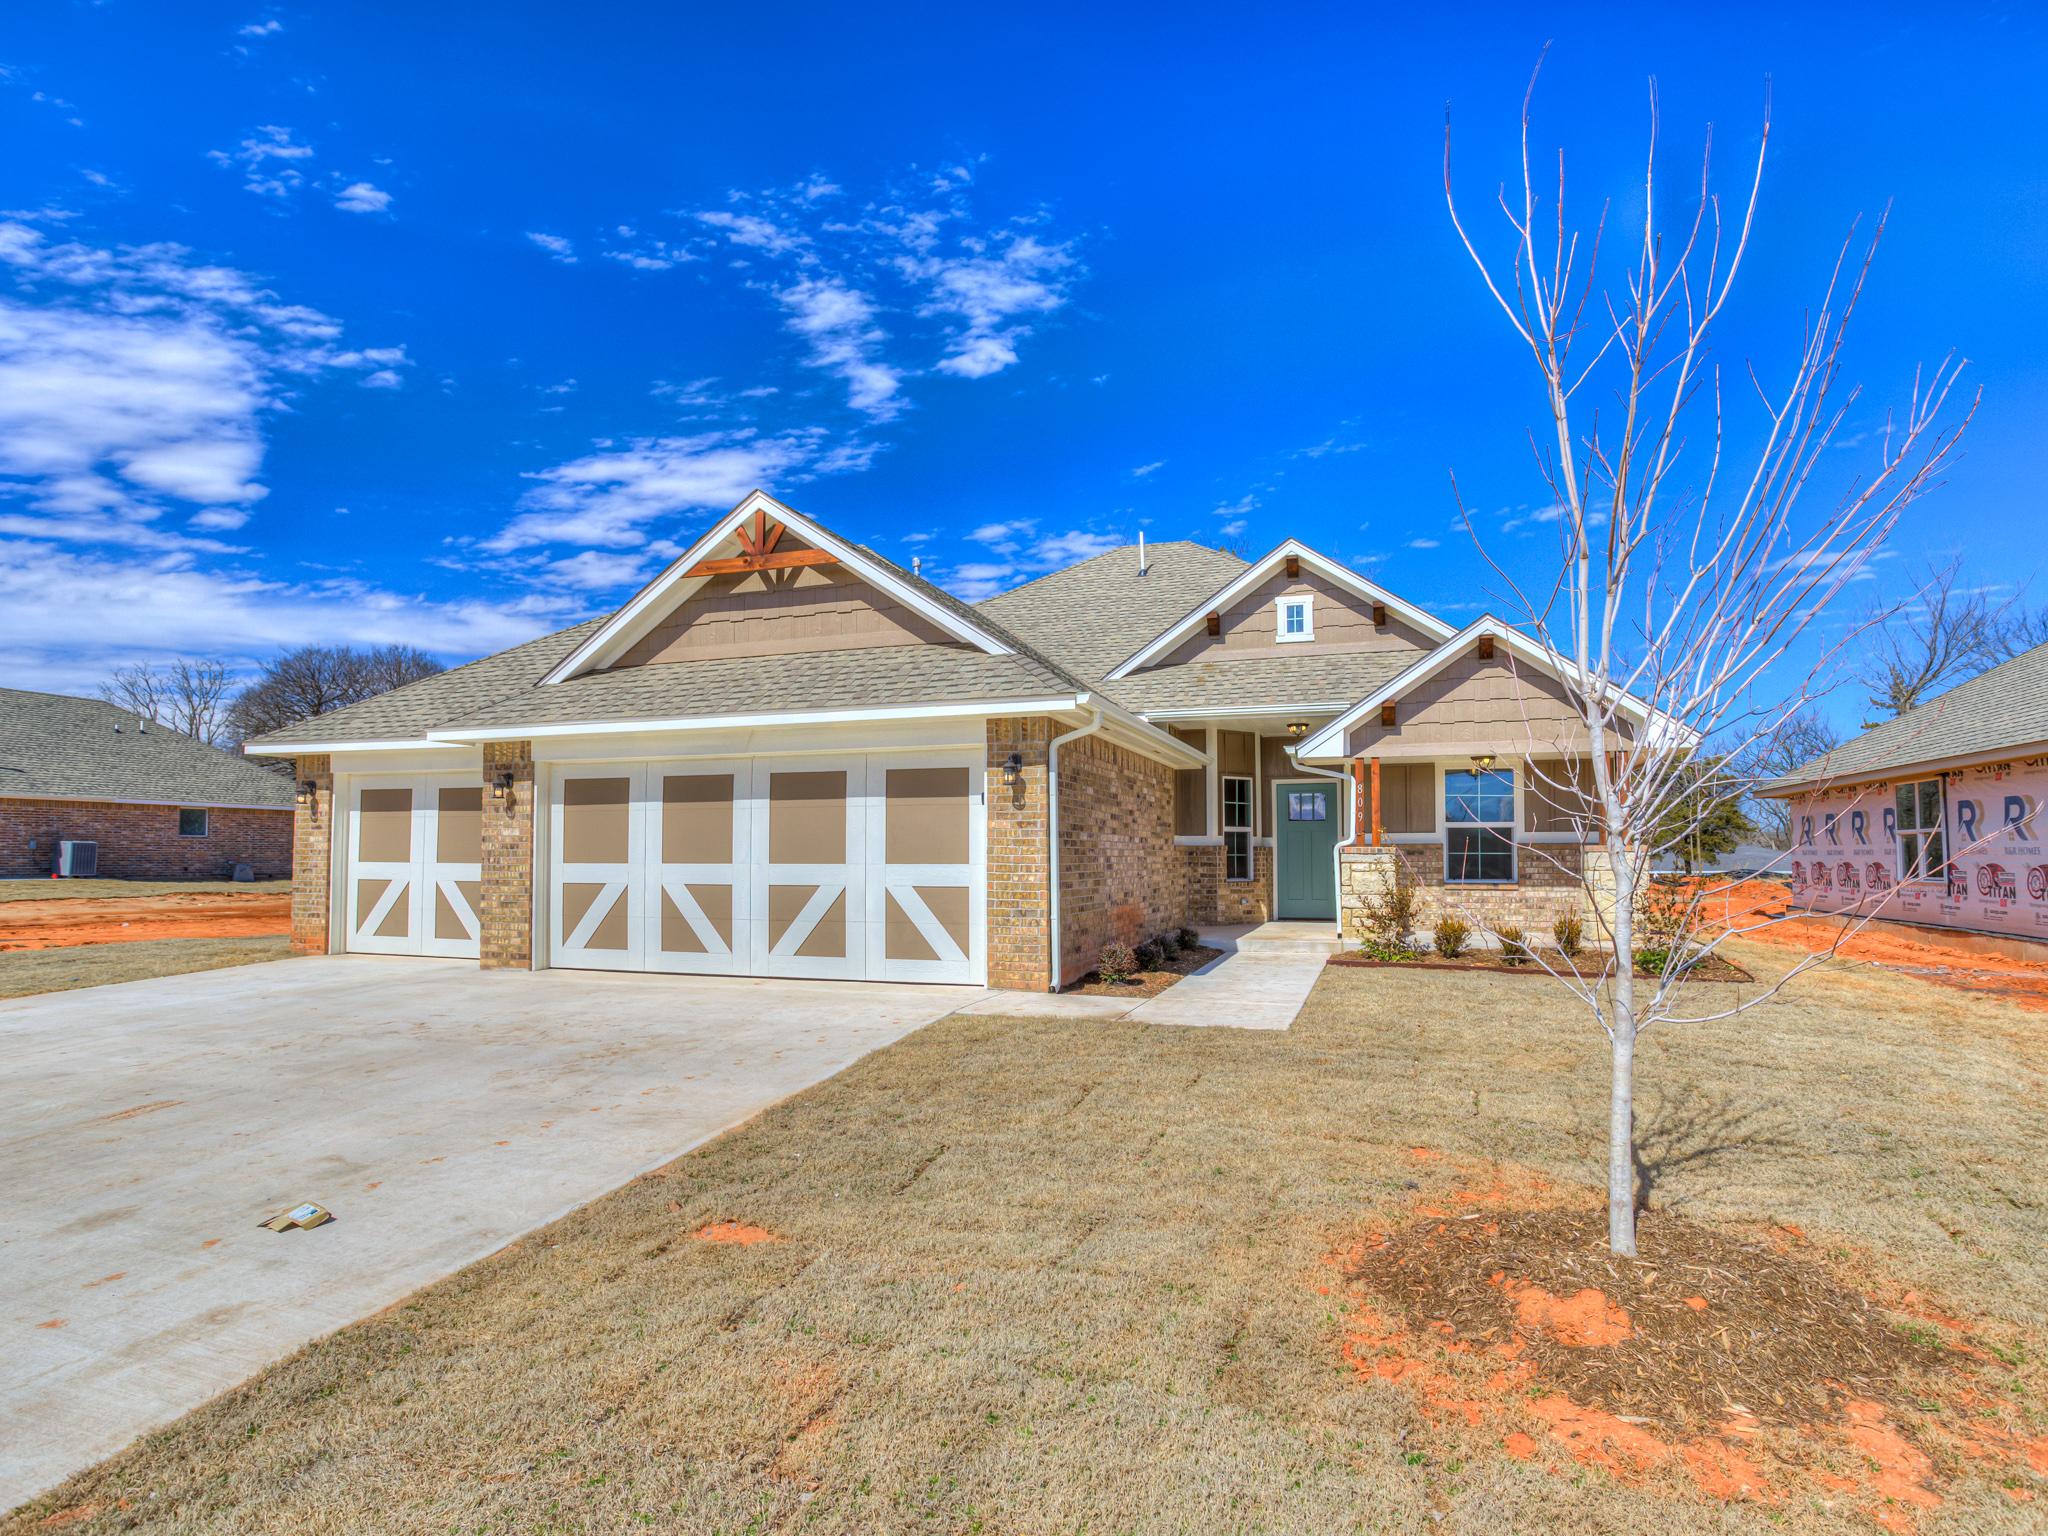 809 Azalea Farms Road, Noble, Oklahoma 73068, 3 Bedrooms Bedrooms, ,2 BathroomsBathrooms,House,For Sale,809 Azalea Farms Road,1040